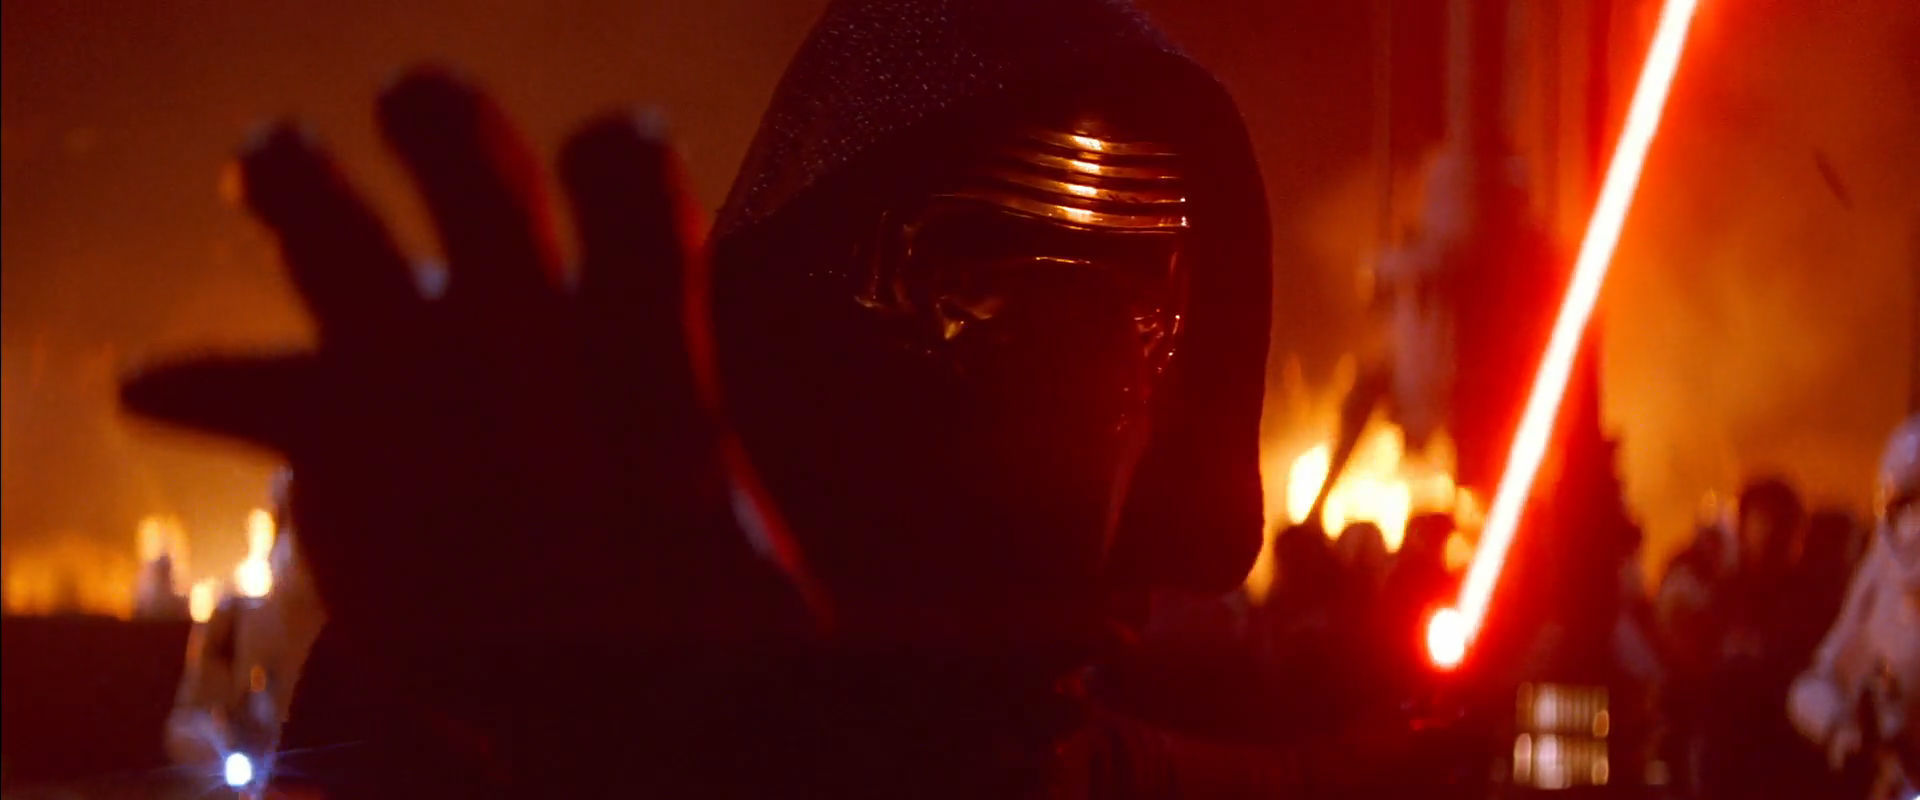 Star Wars: Επεισόδιο 7 - Η δύναμη ξυπνά